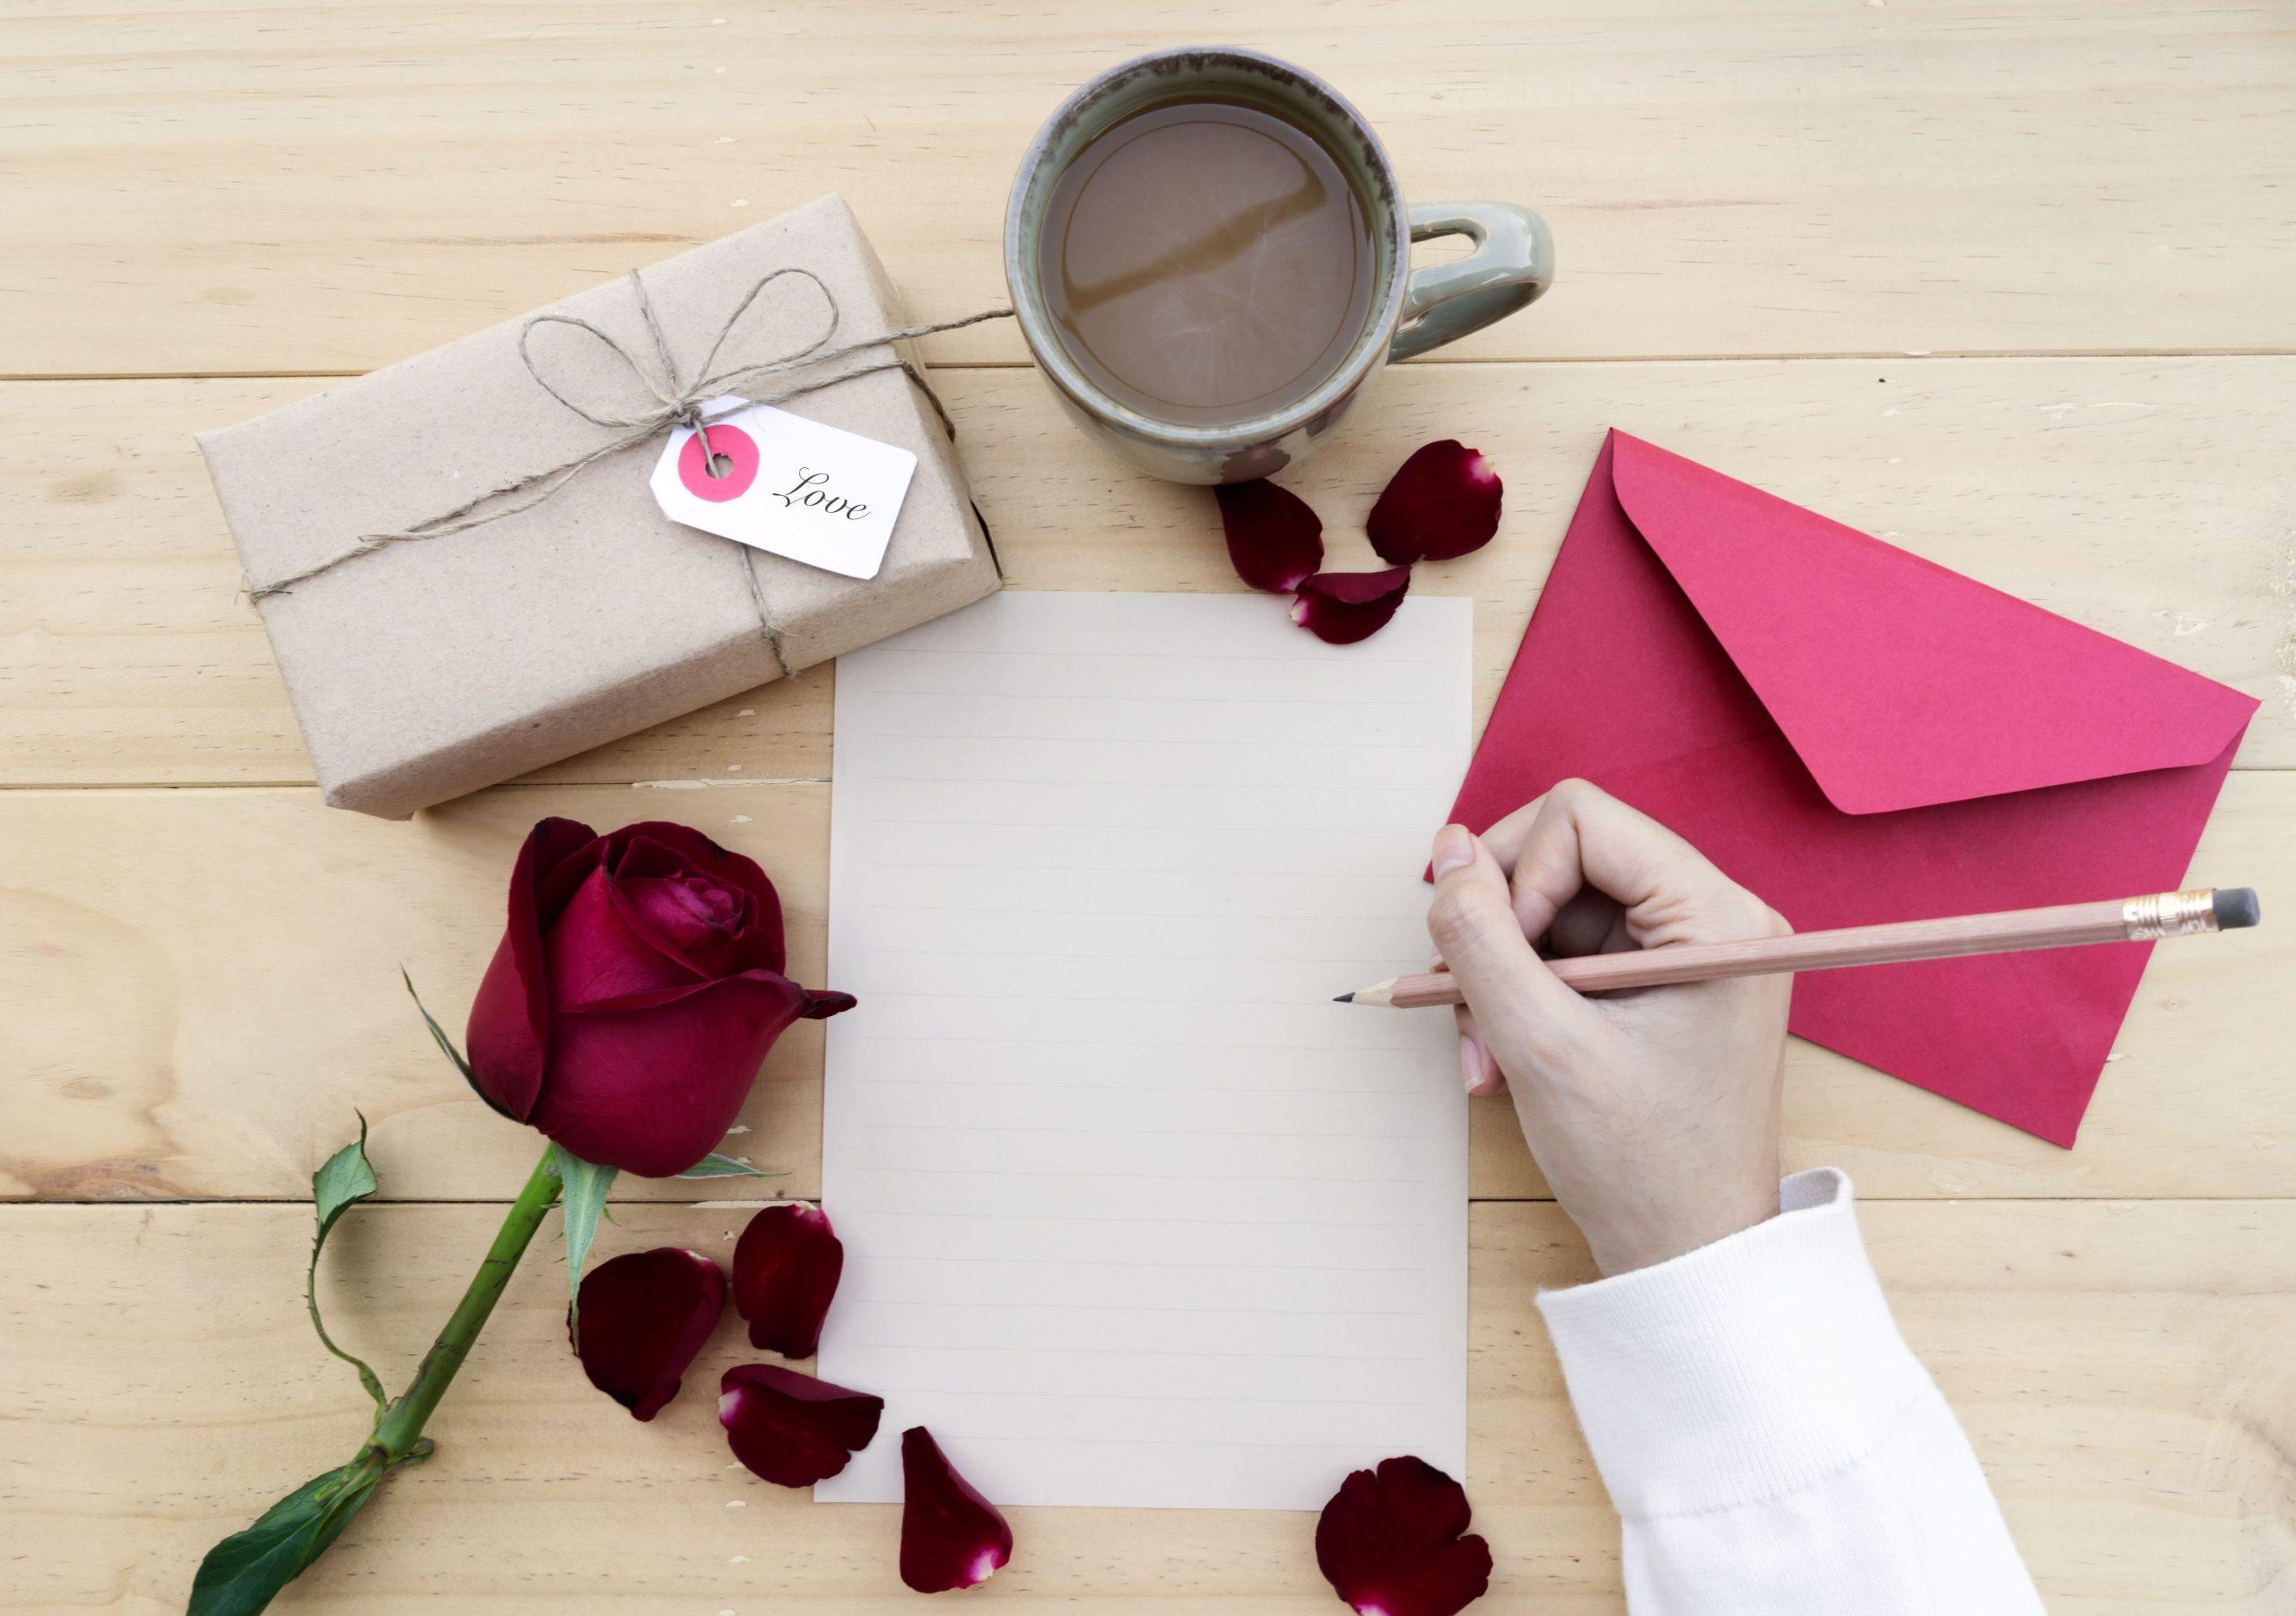 【文例有】伝わる結婚祝いのメッセージを書こう!